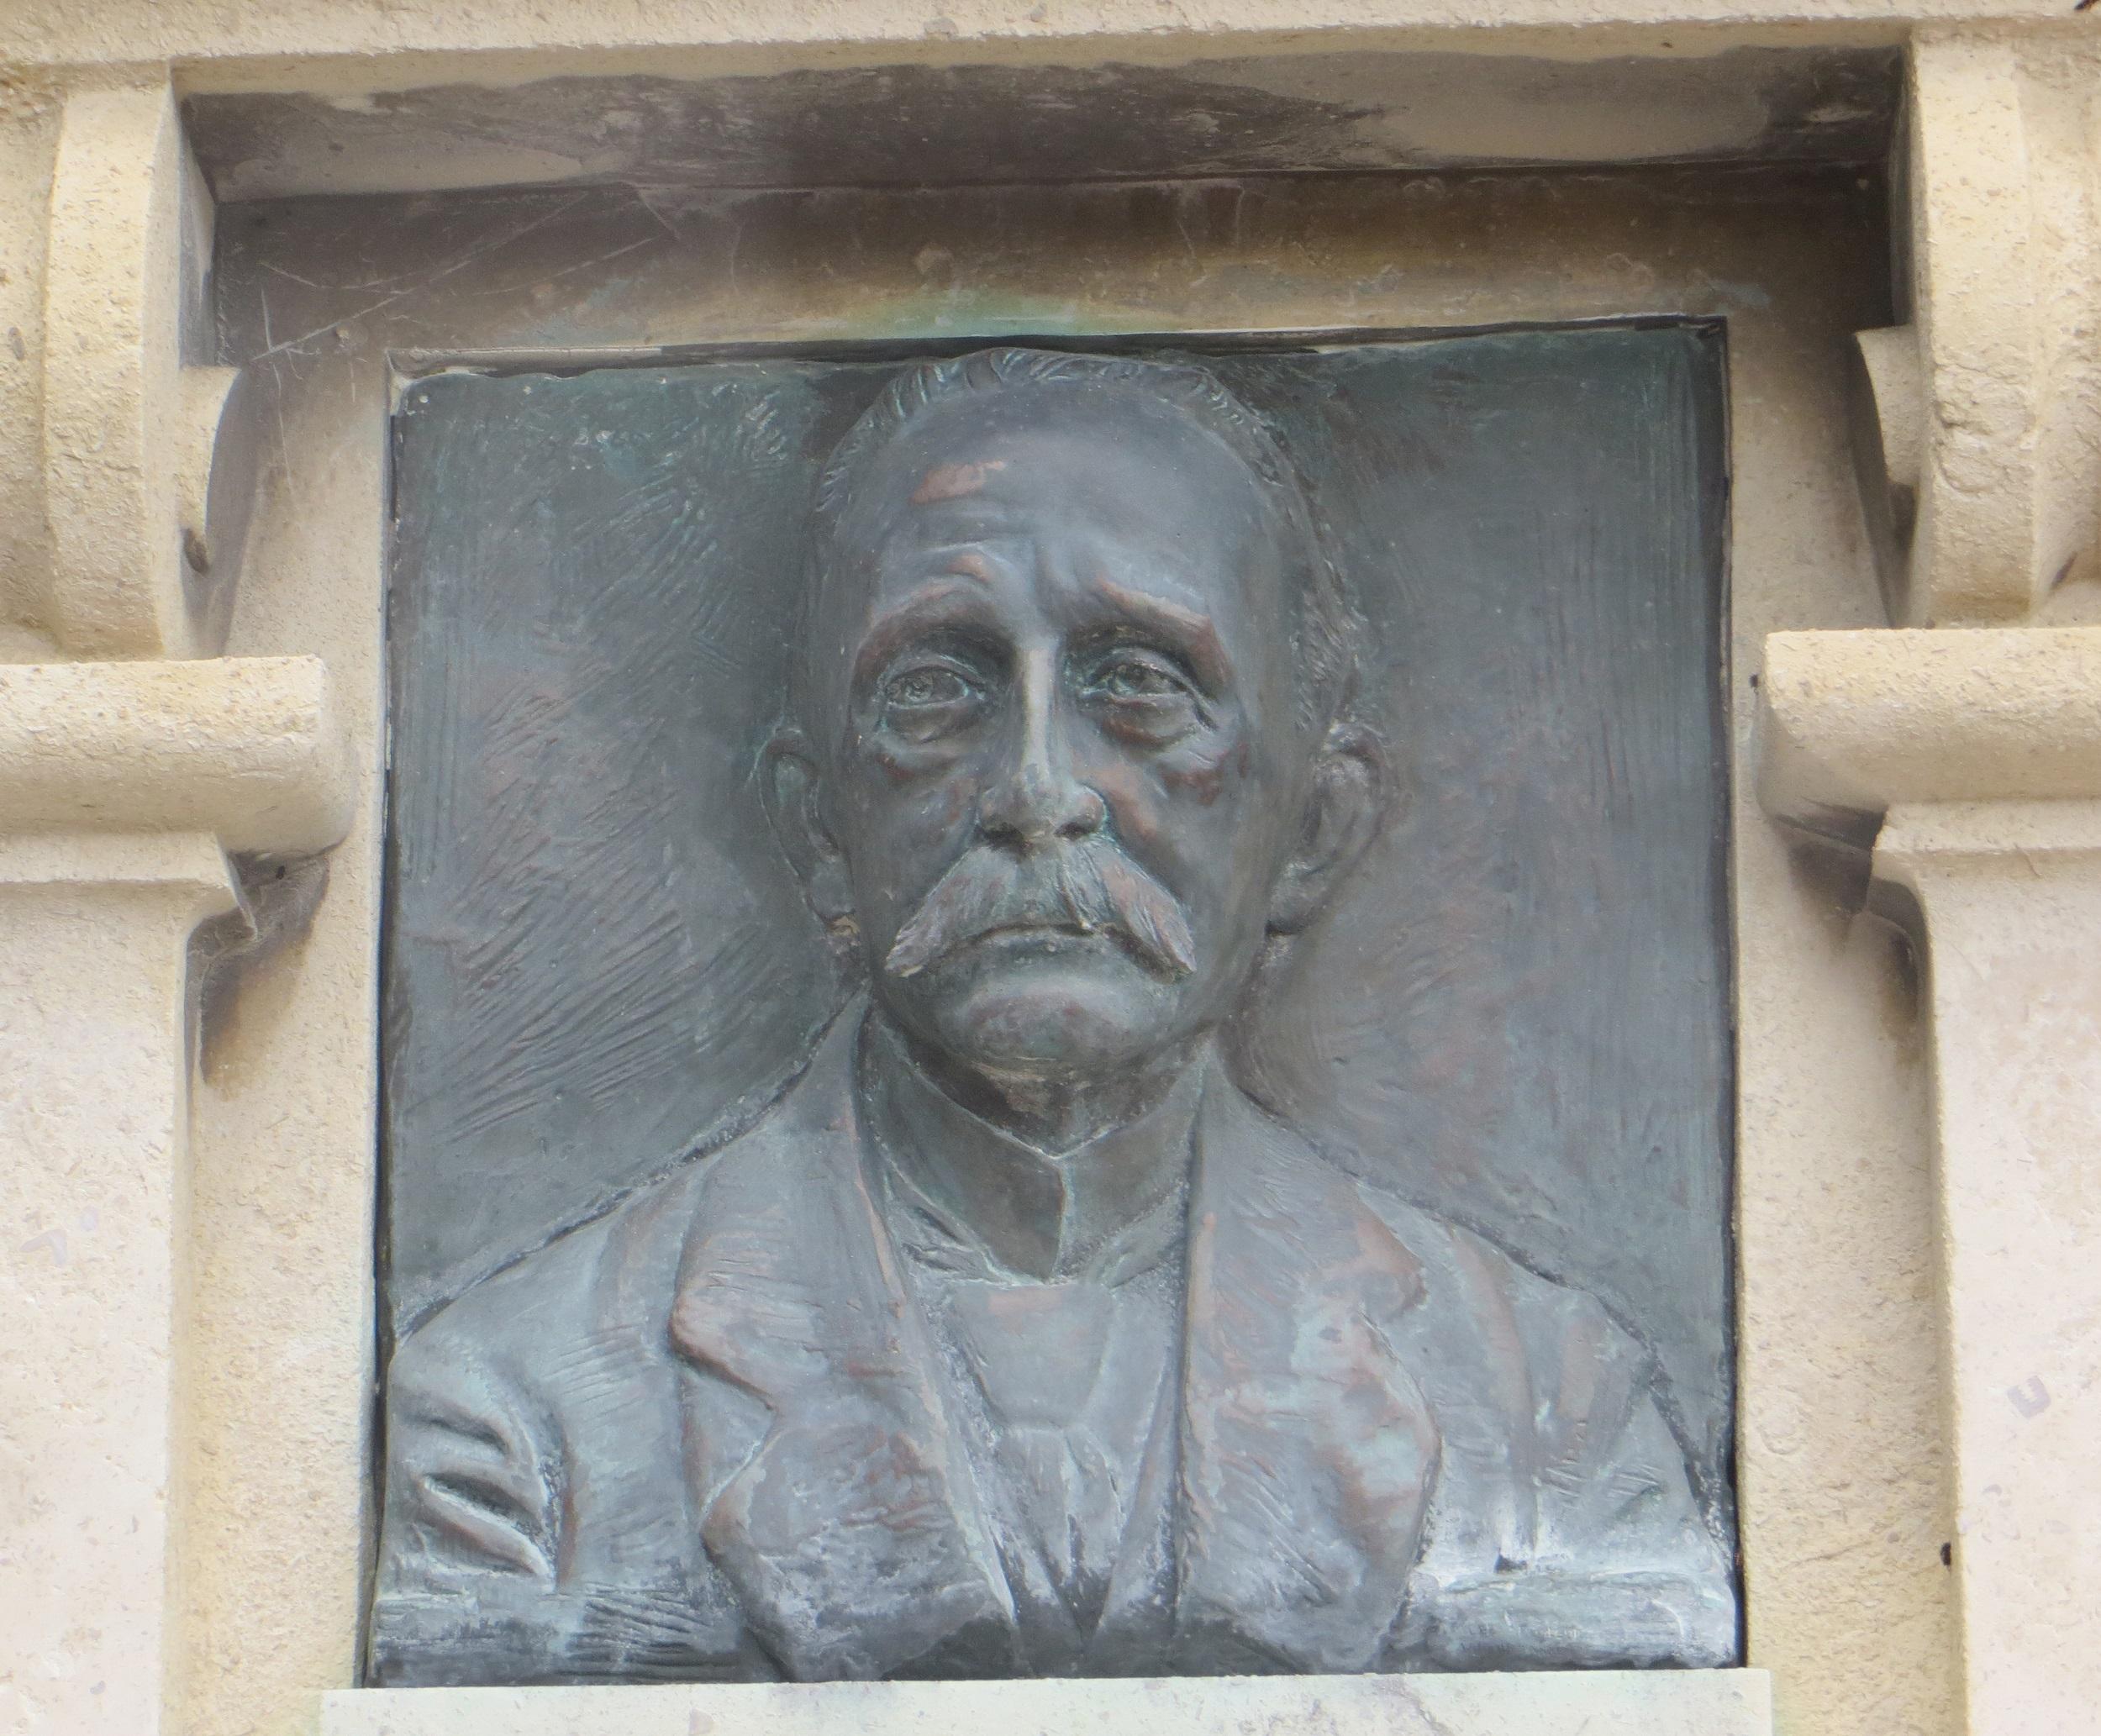 Détail du portrait en bronze. Phot. Véronique Belle © Région Auvergne-Rhône-Alpes, I.G.P.C., 2020